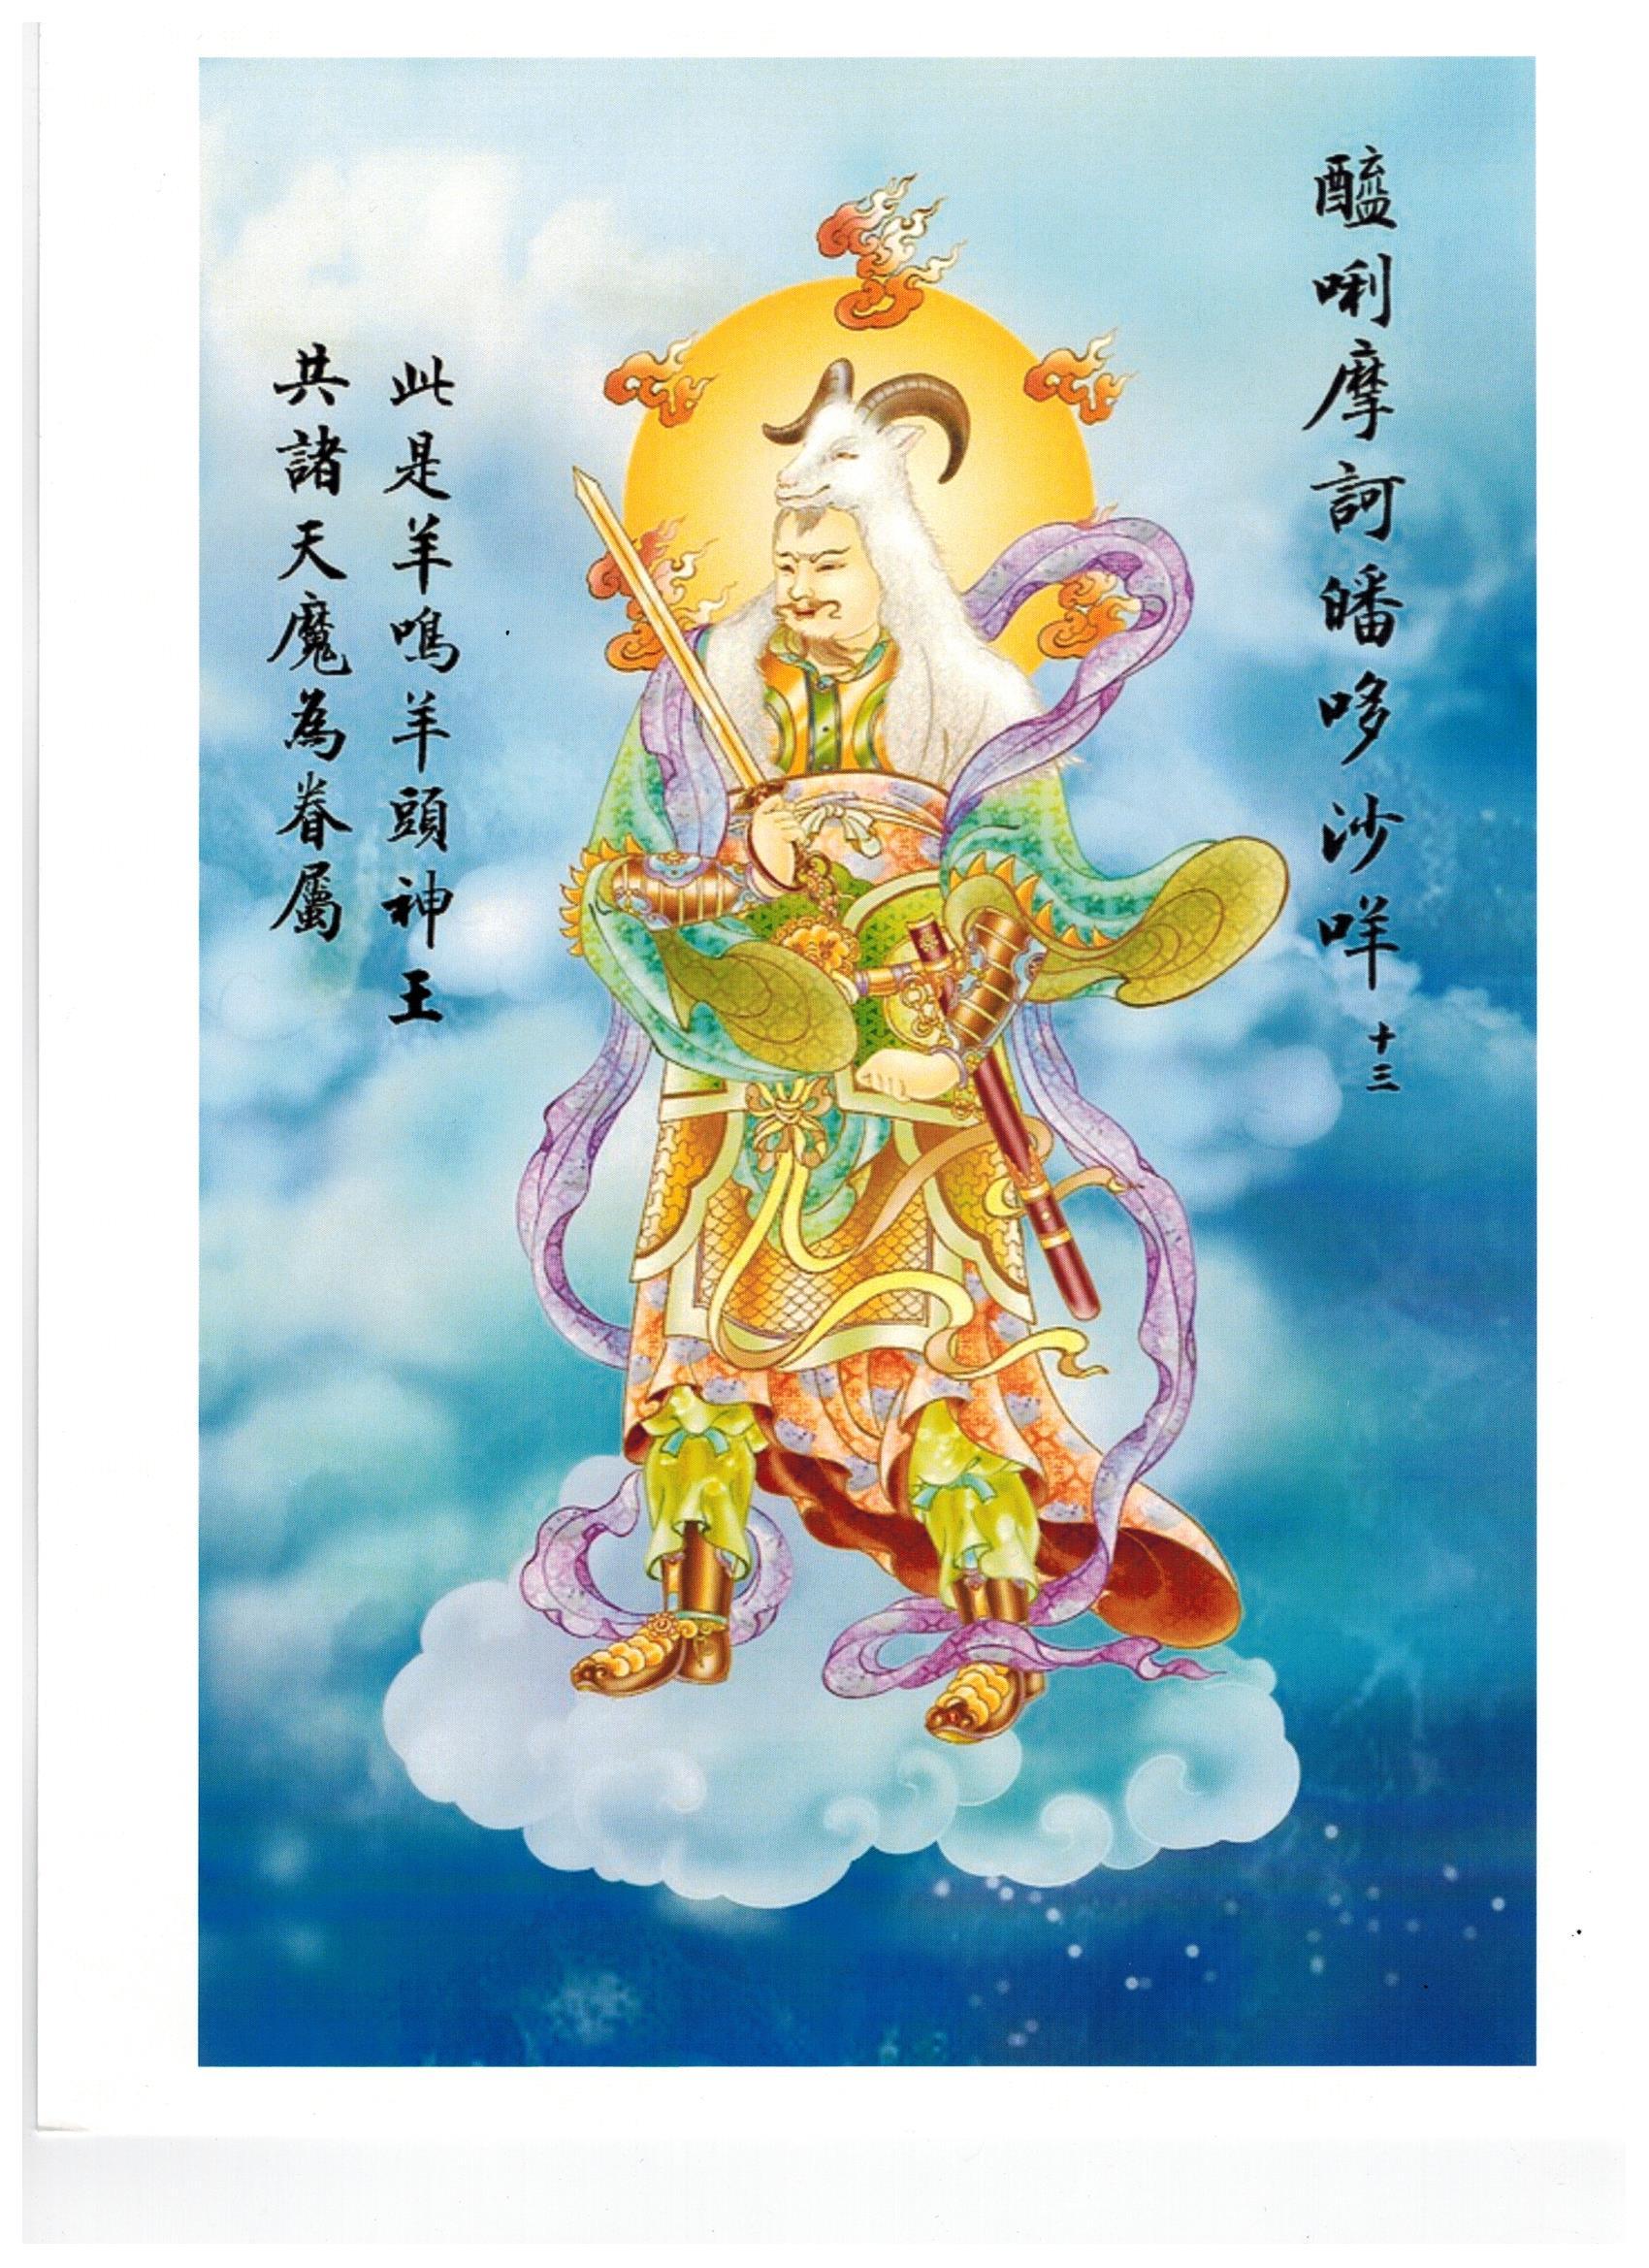 13 - Xi Li Mo Hu Ben Do Sa Mi